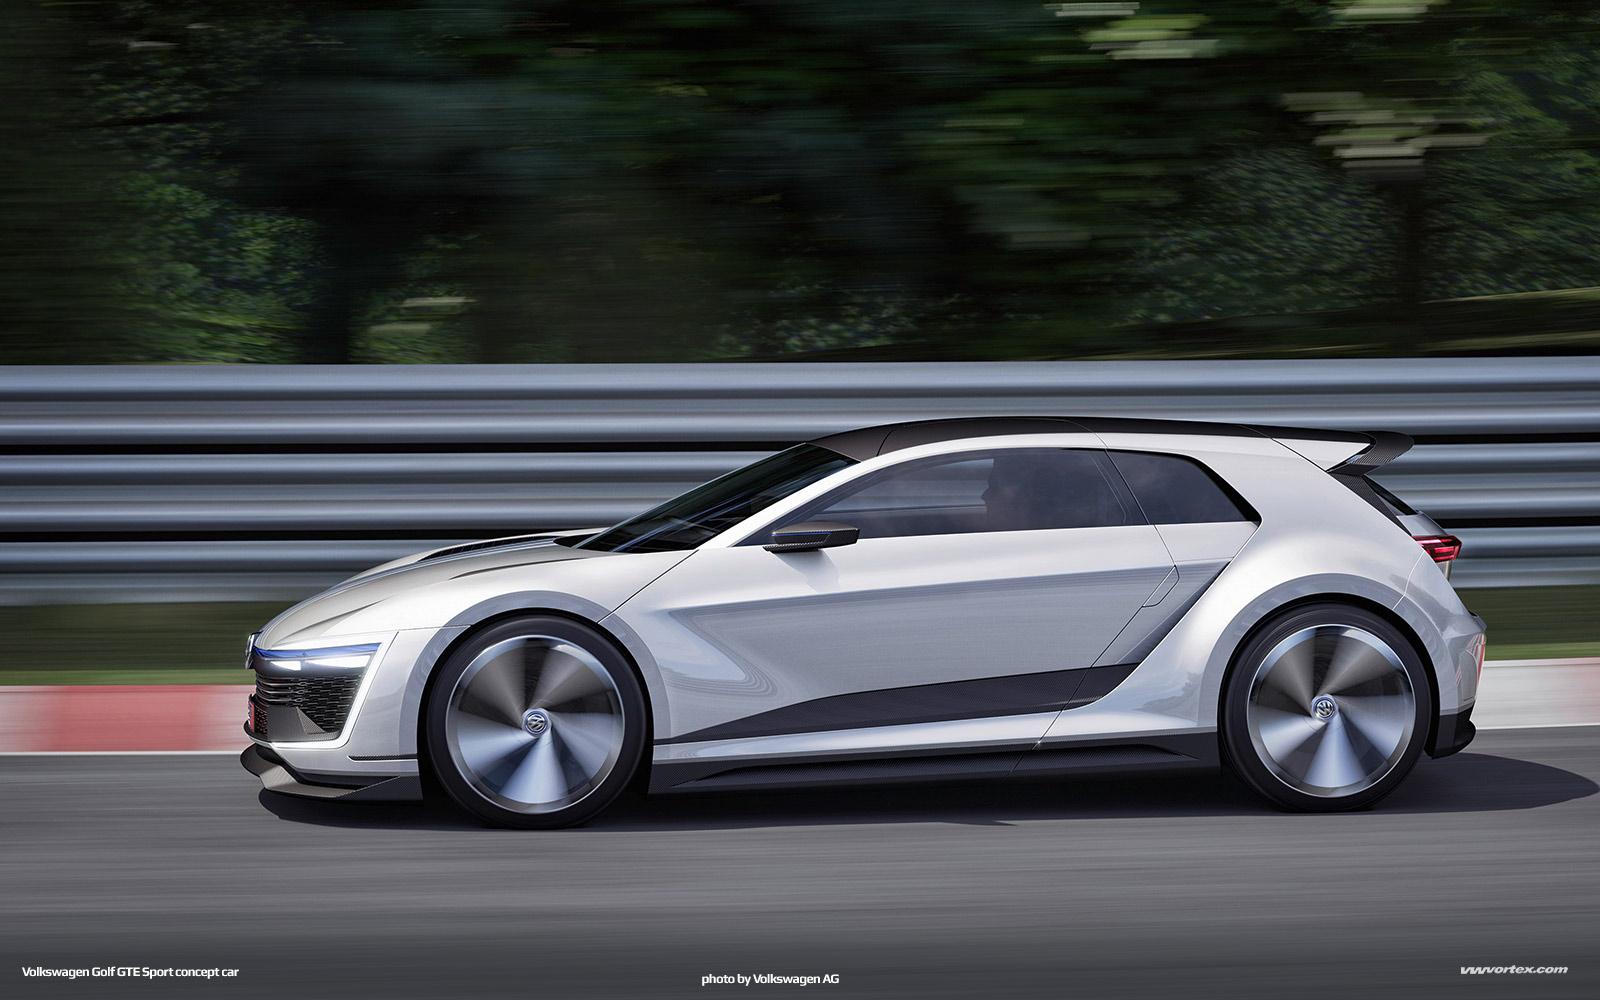 Volkswagen-Golf-GTE-Sport-concept-917